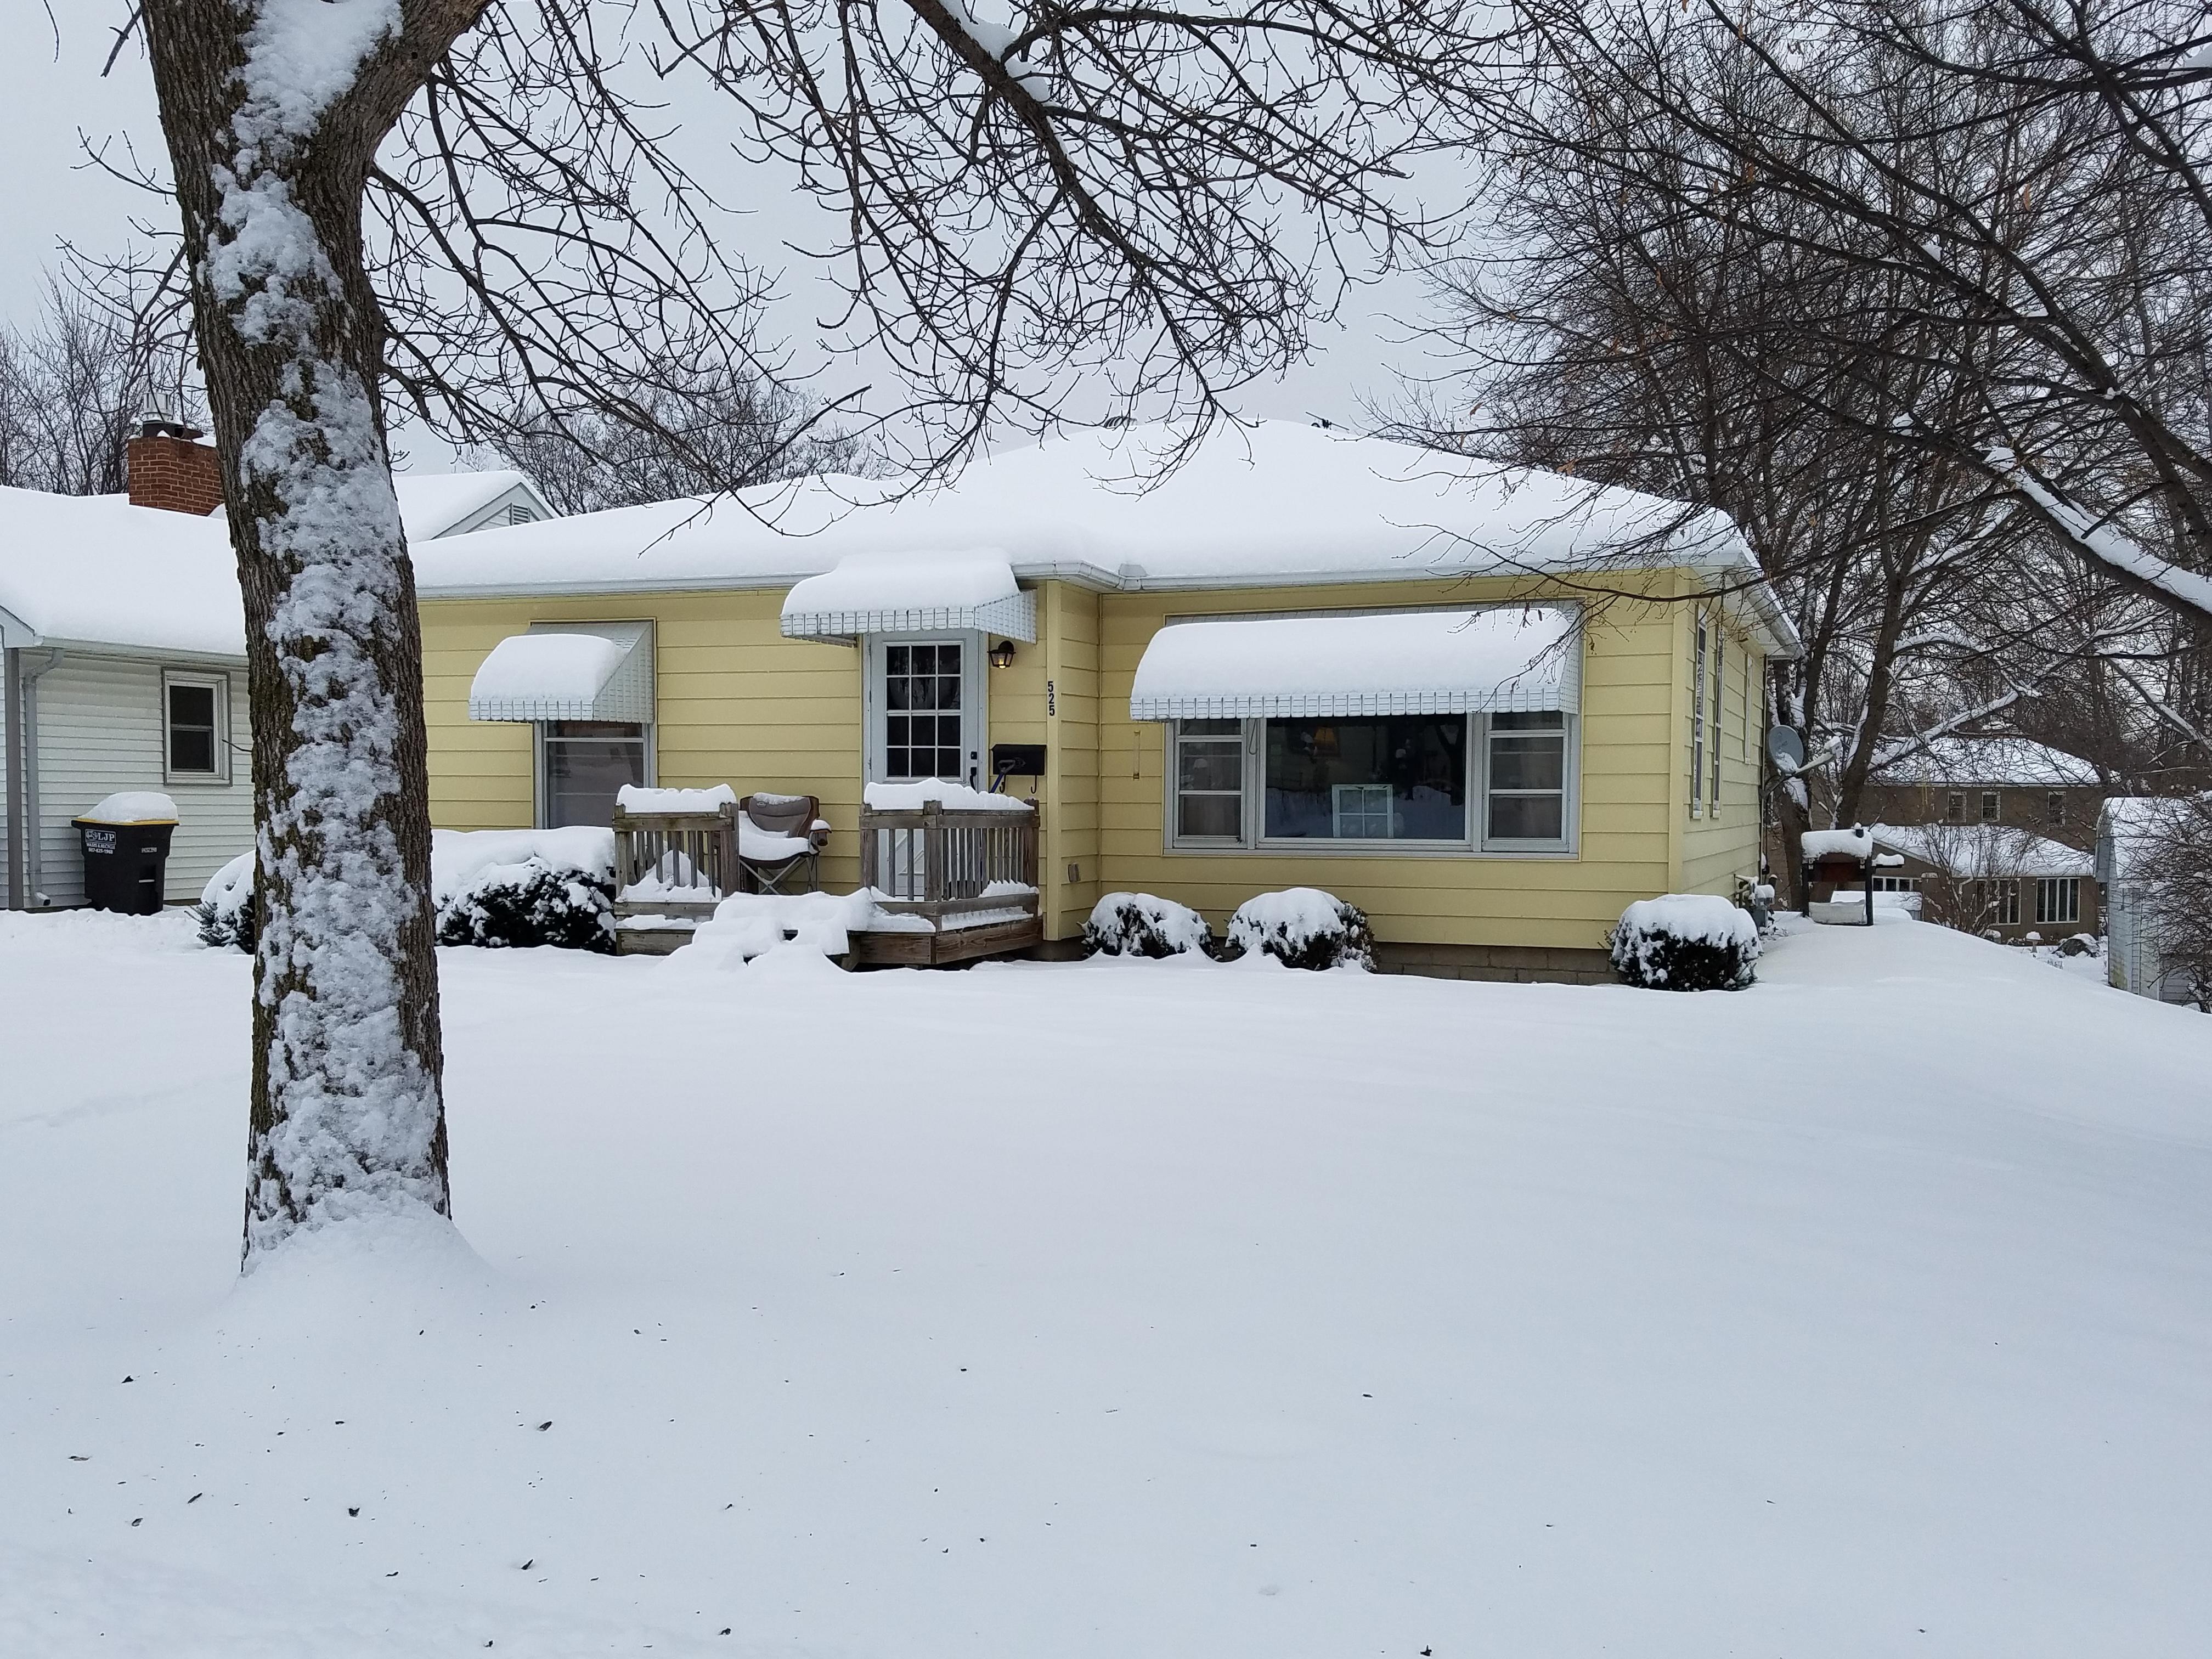 house_with_snow-705.jpg